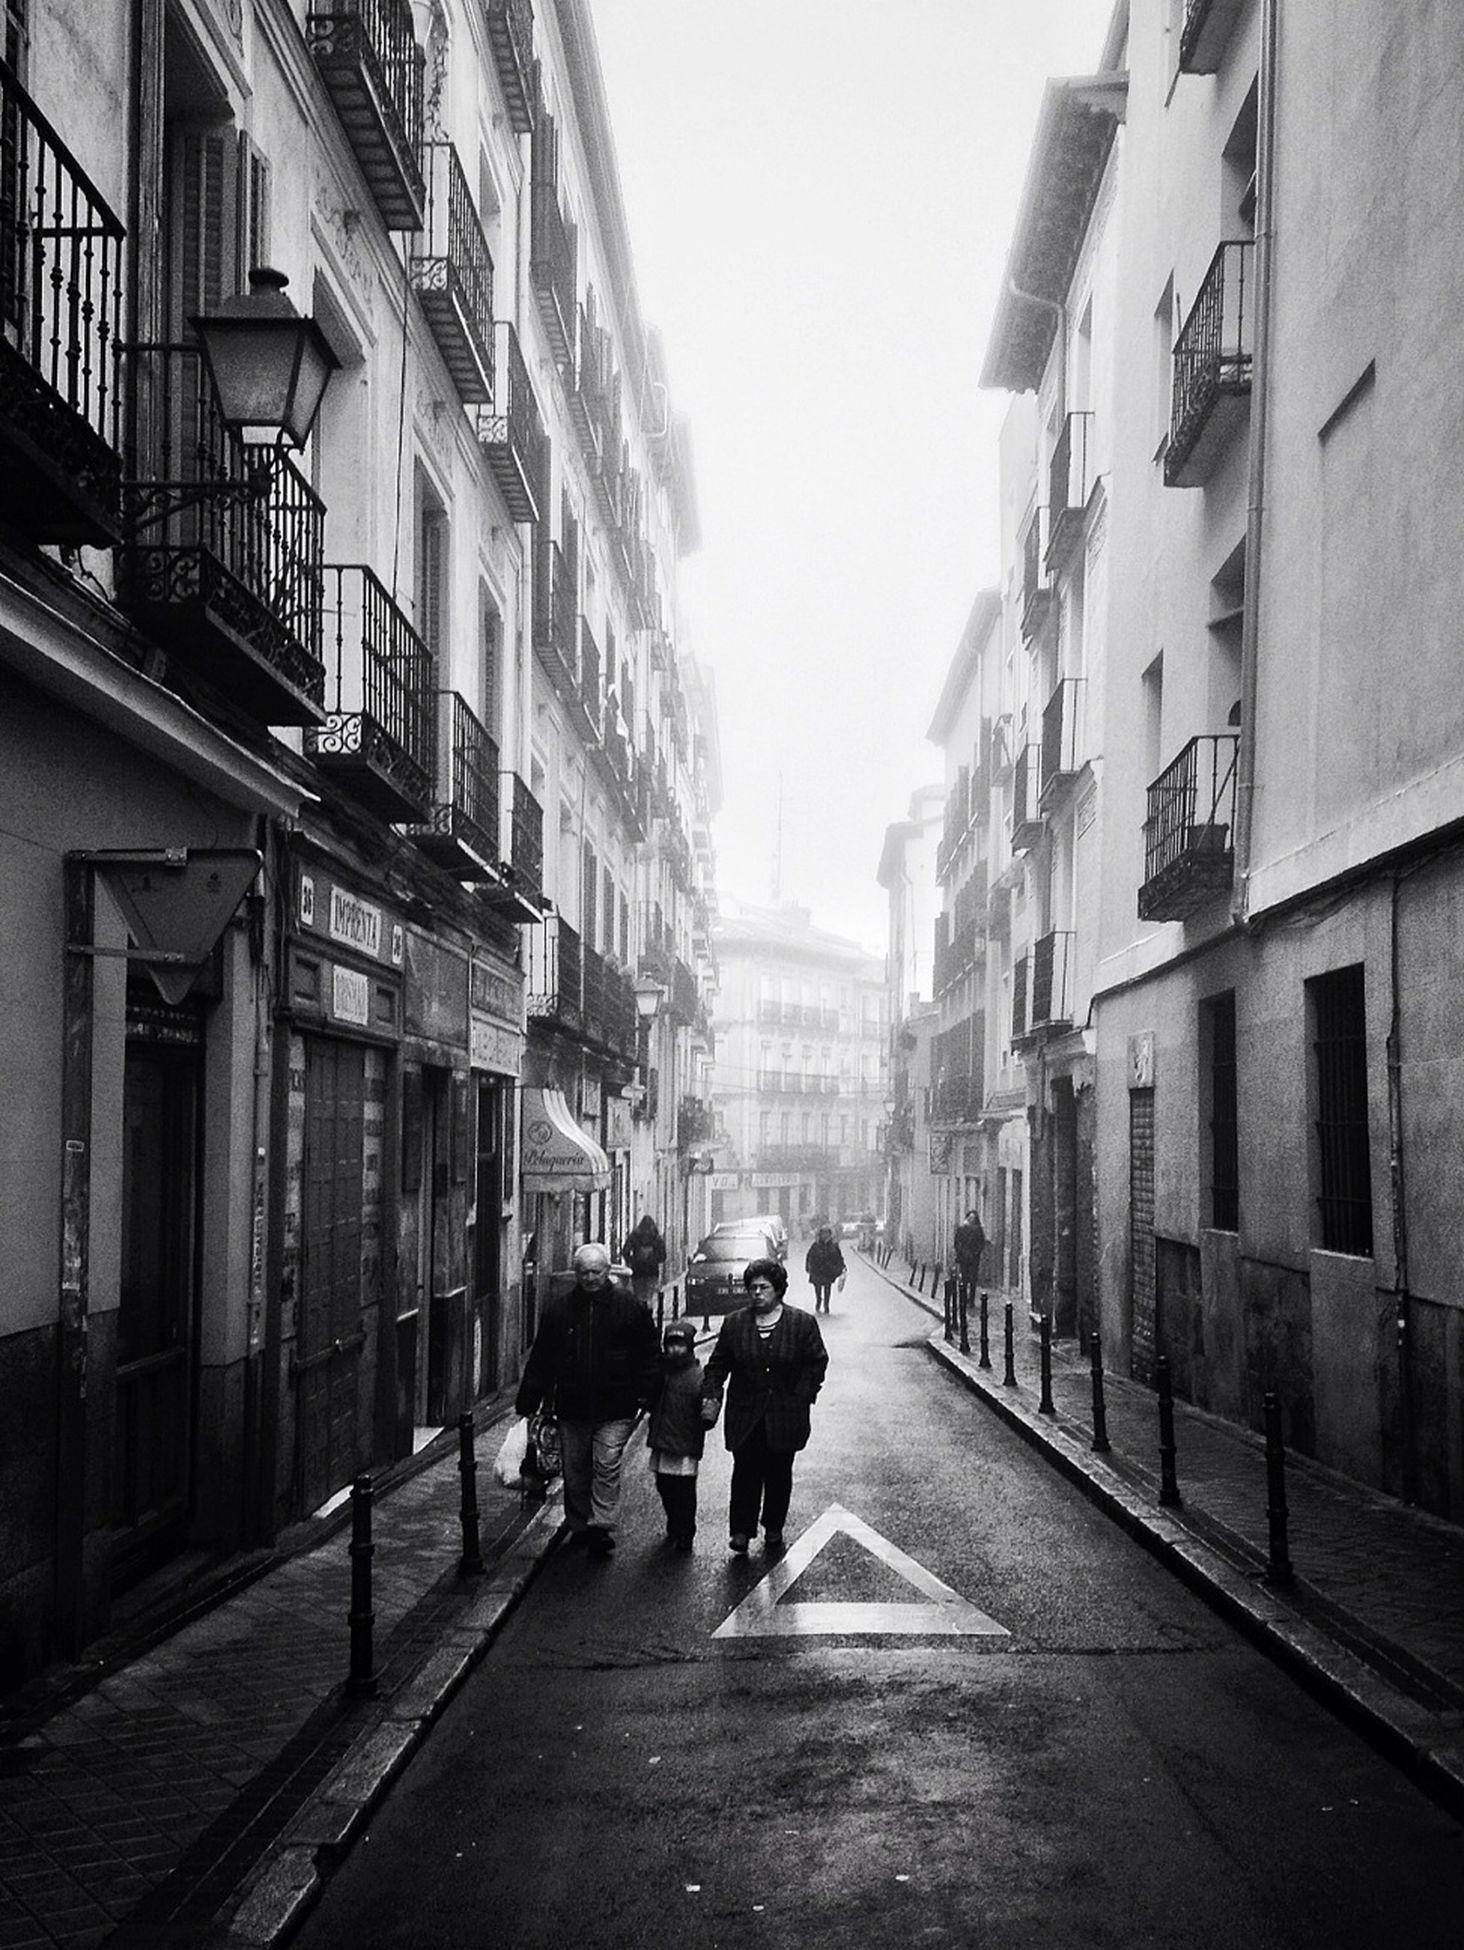 narrow, the way forward, city life, urban, leading